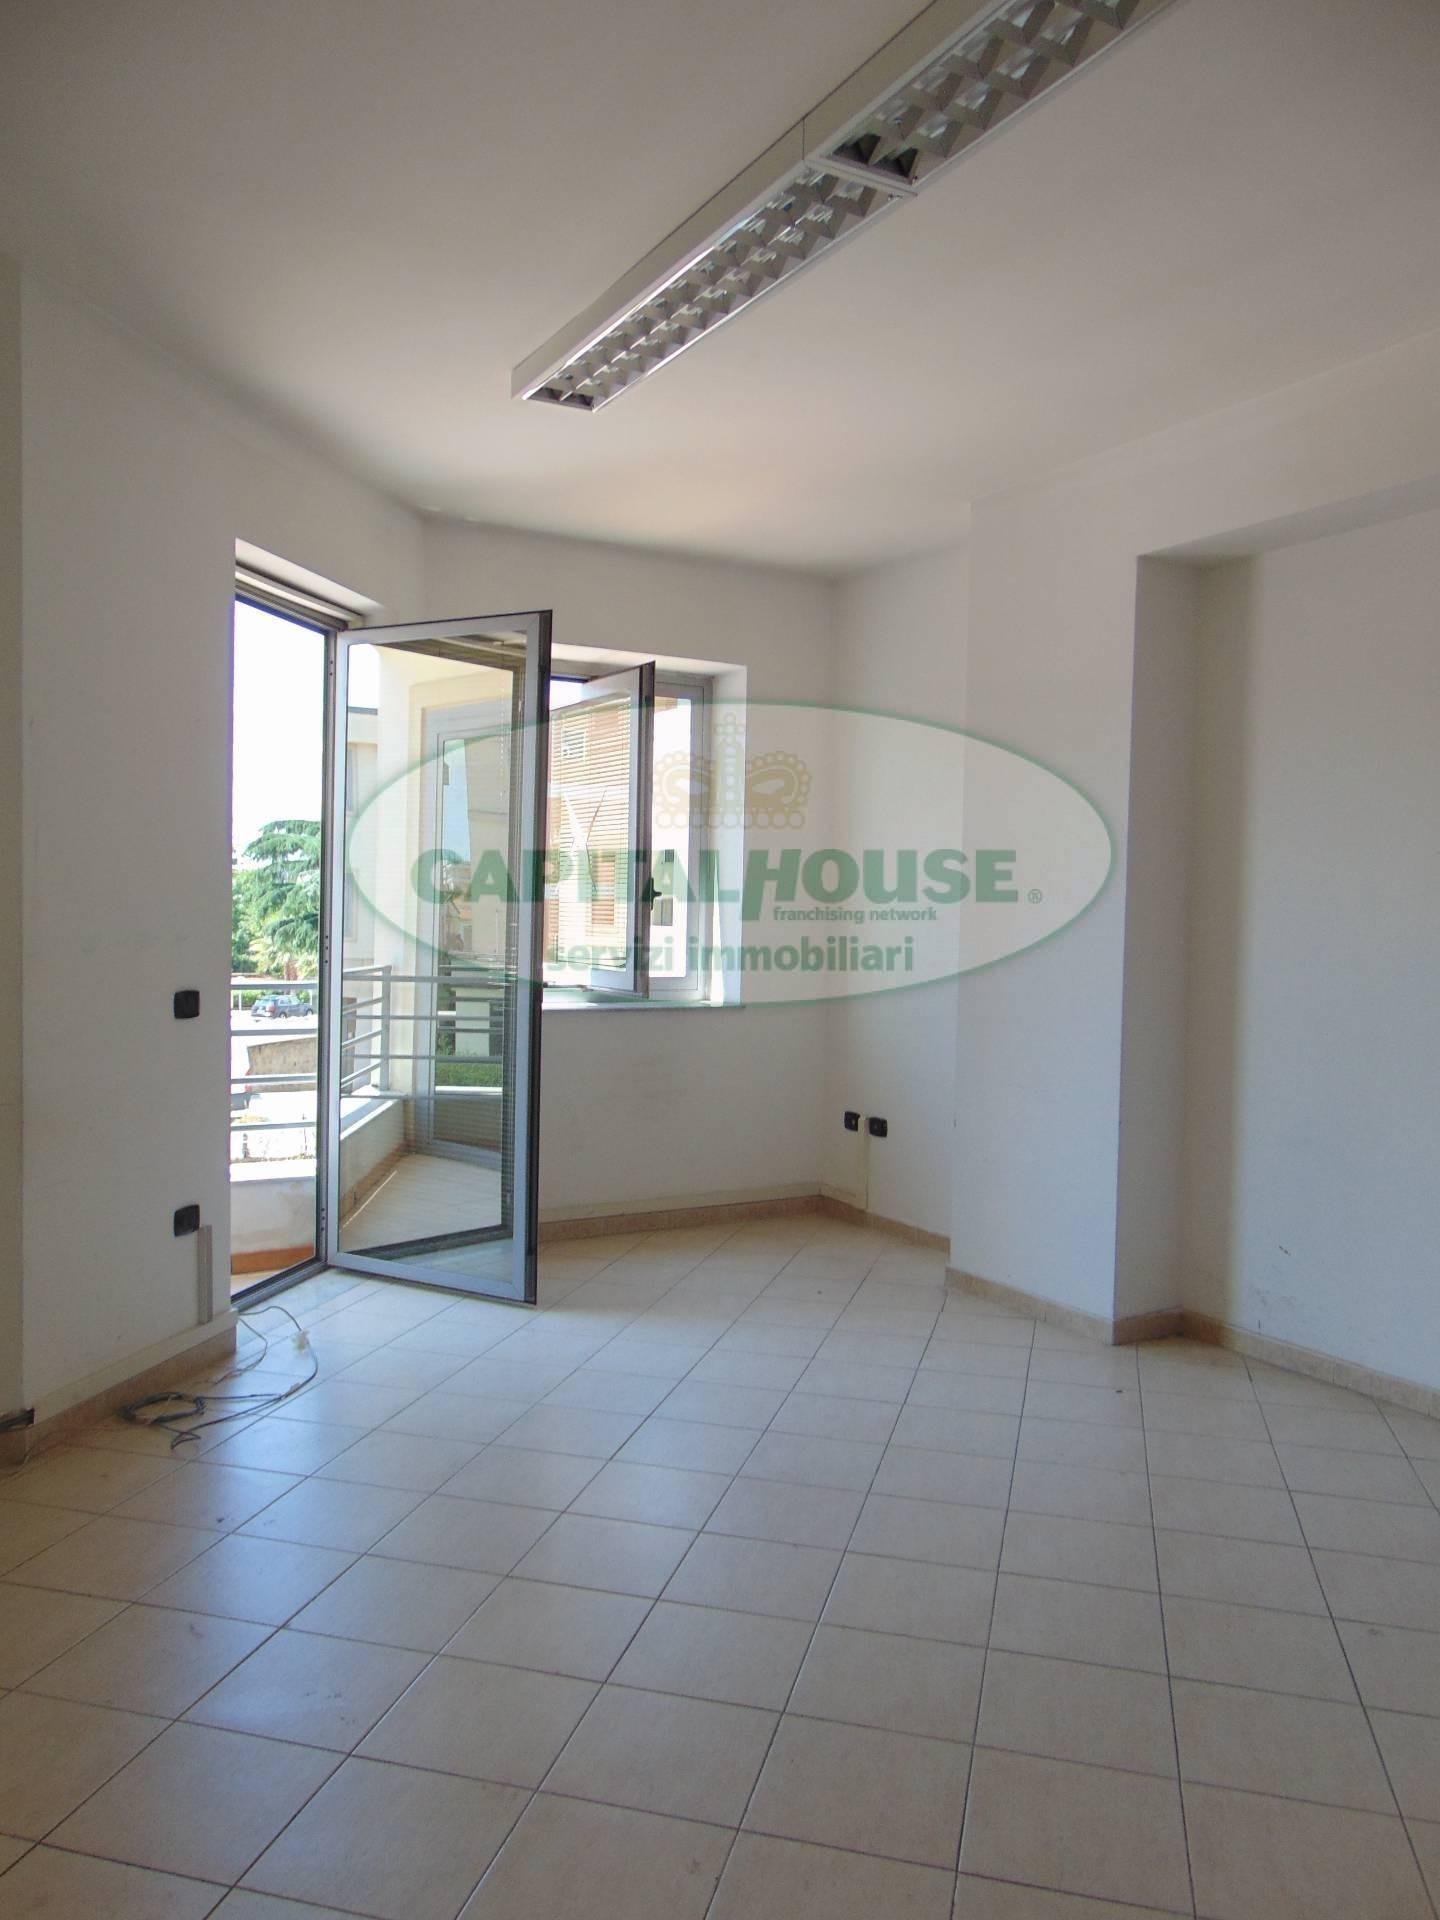 Ufficio / Studio in affitto a Santa Maria Capua Vetere, 9999 locali, zona Località: ZonaTribunale, prezzo € 420   CambioCasa.it